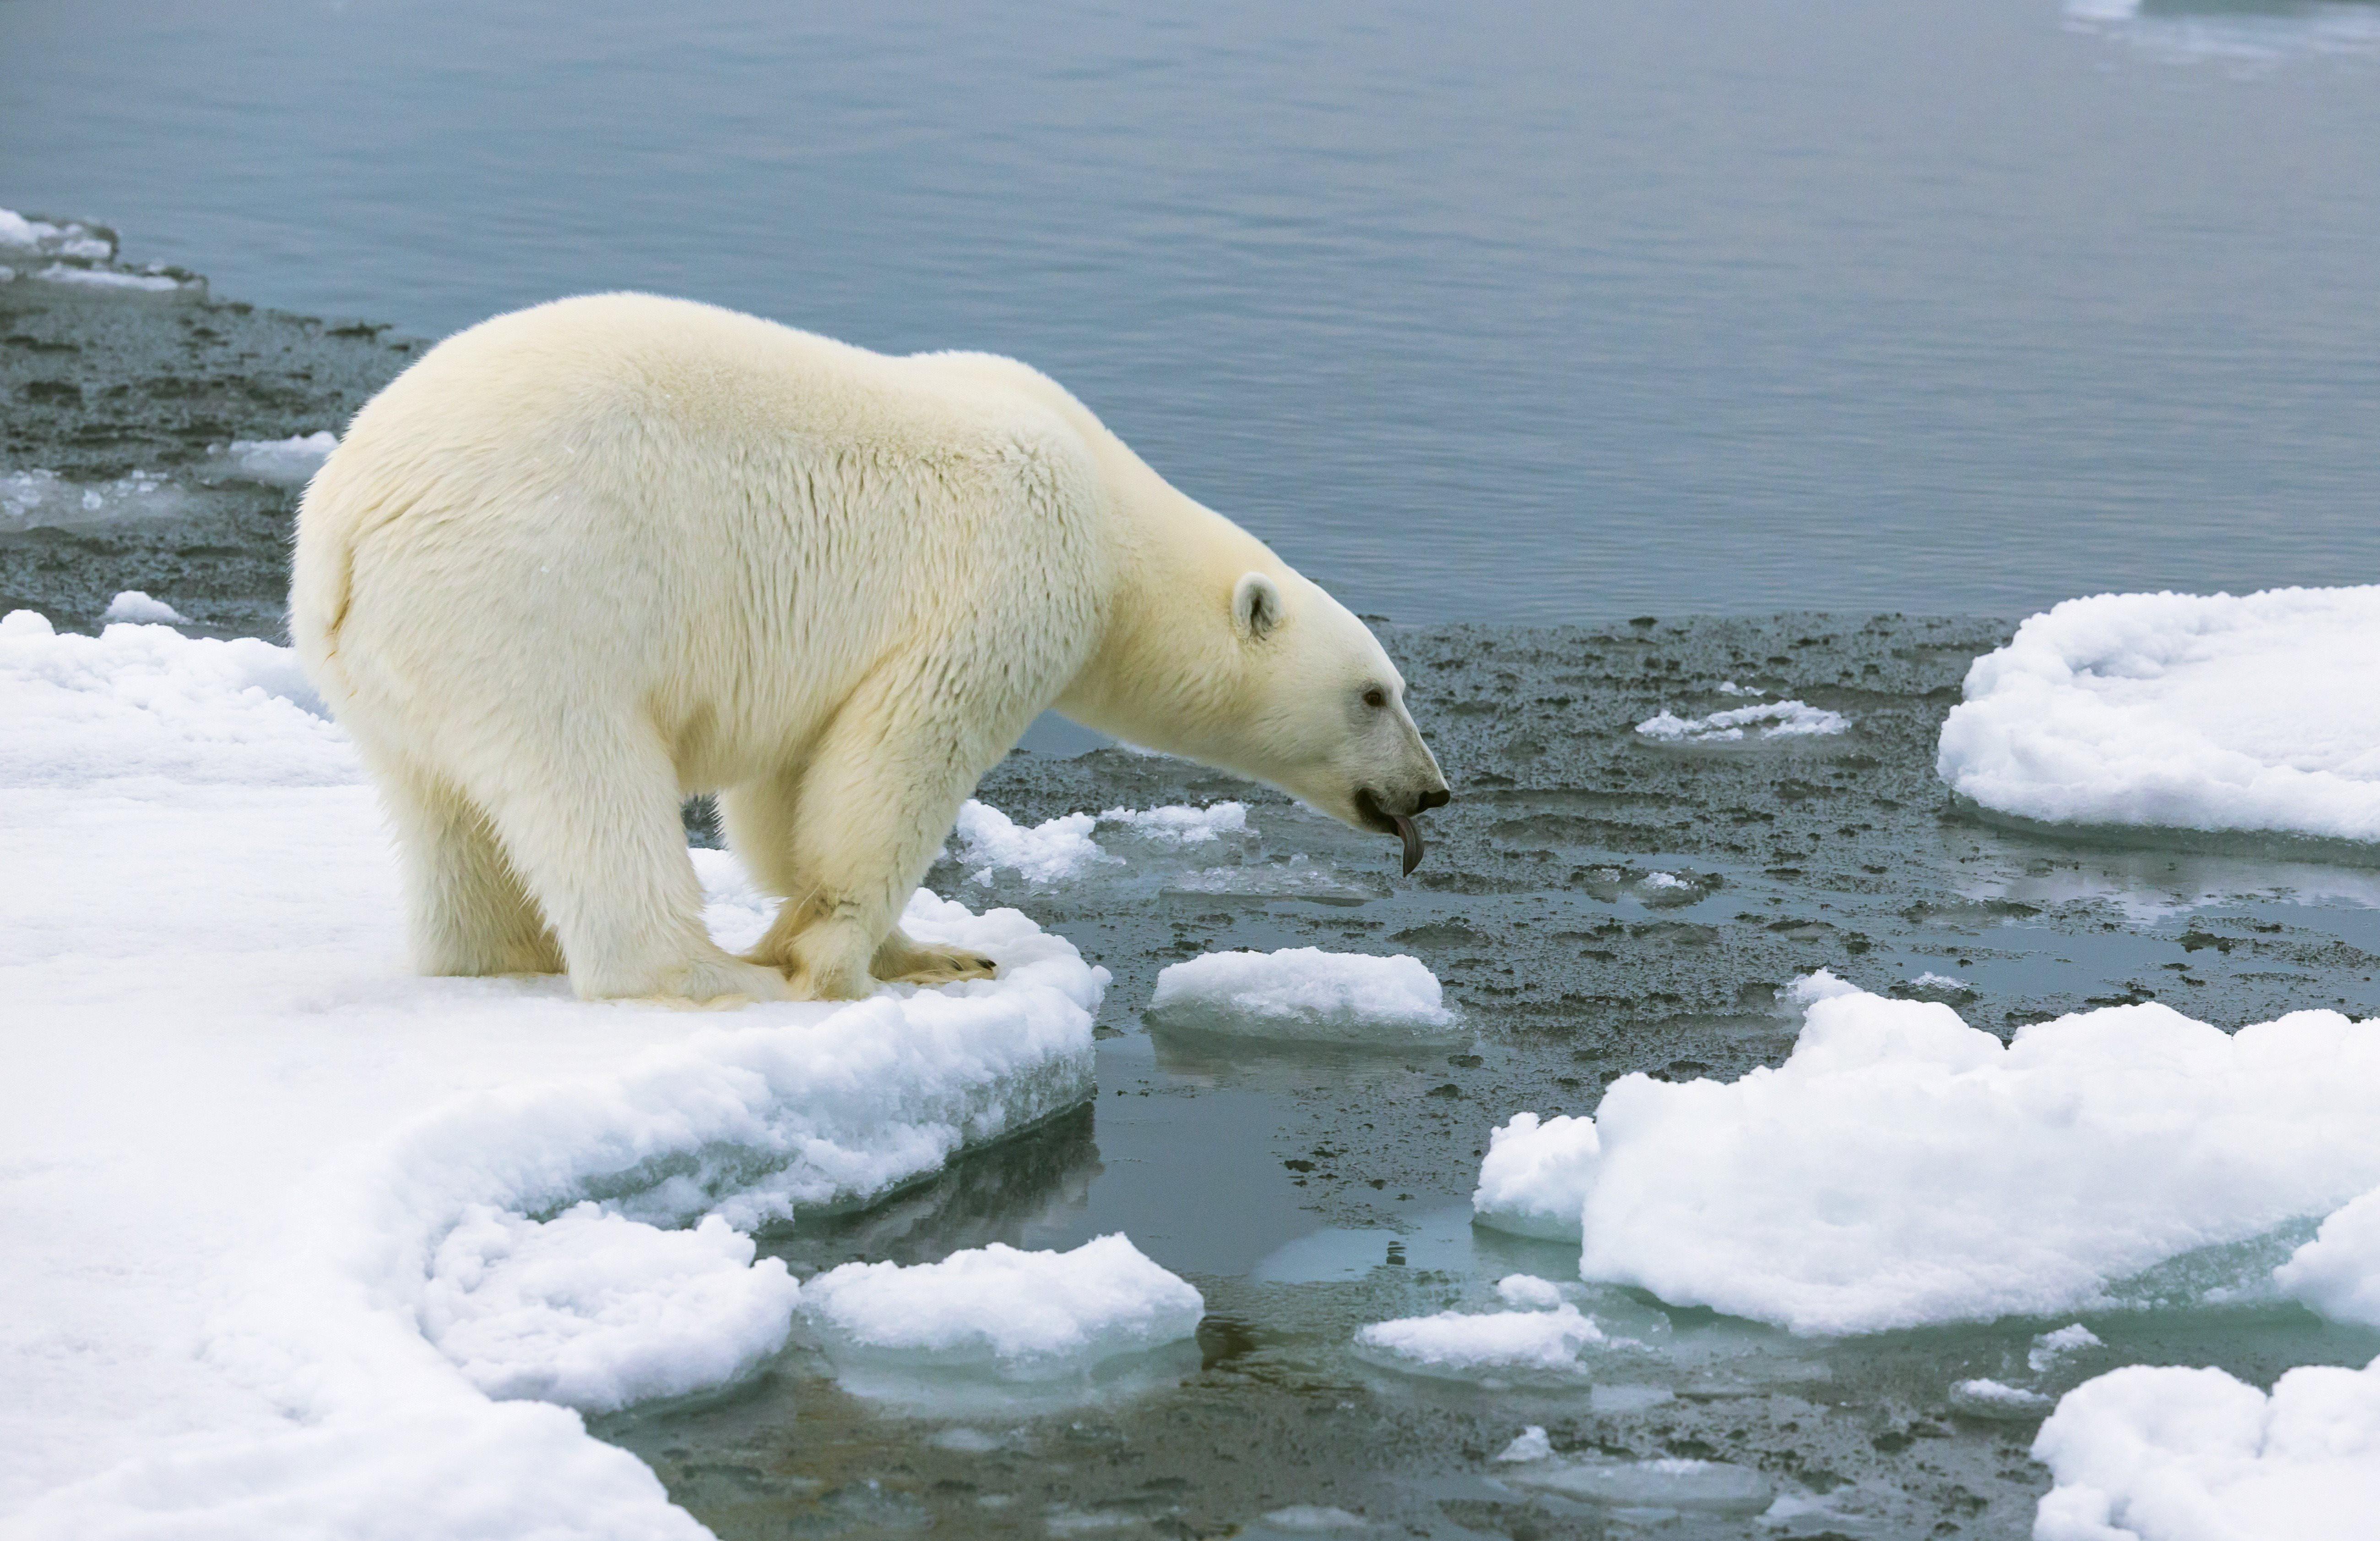 Hoe nieuw onderzoek aantoont dat smelten van het ijs wellicht het grootste drama ooit is voor mensheid - Business AM - NL